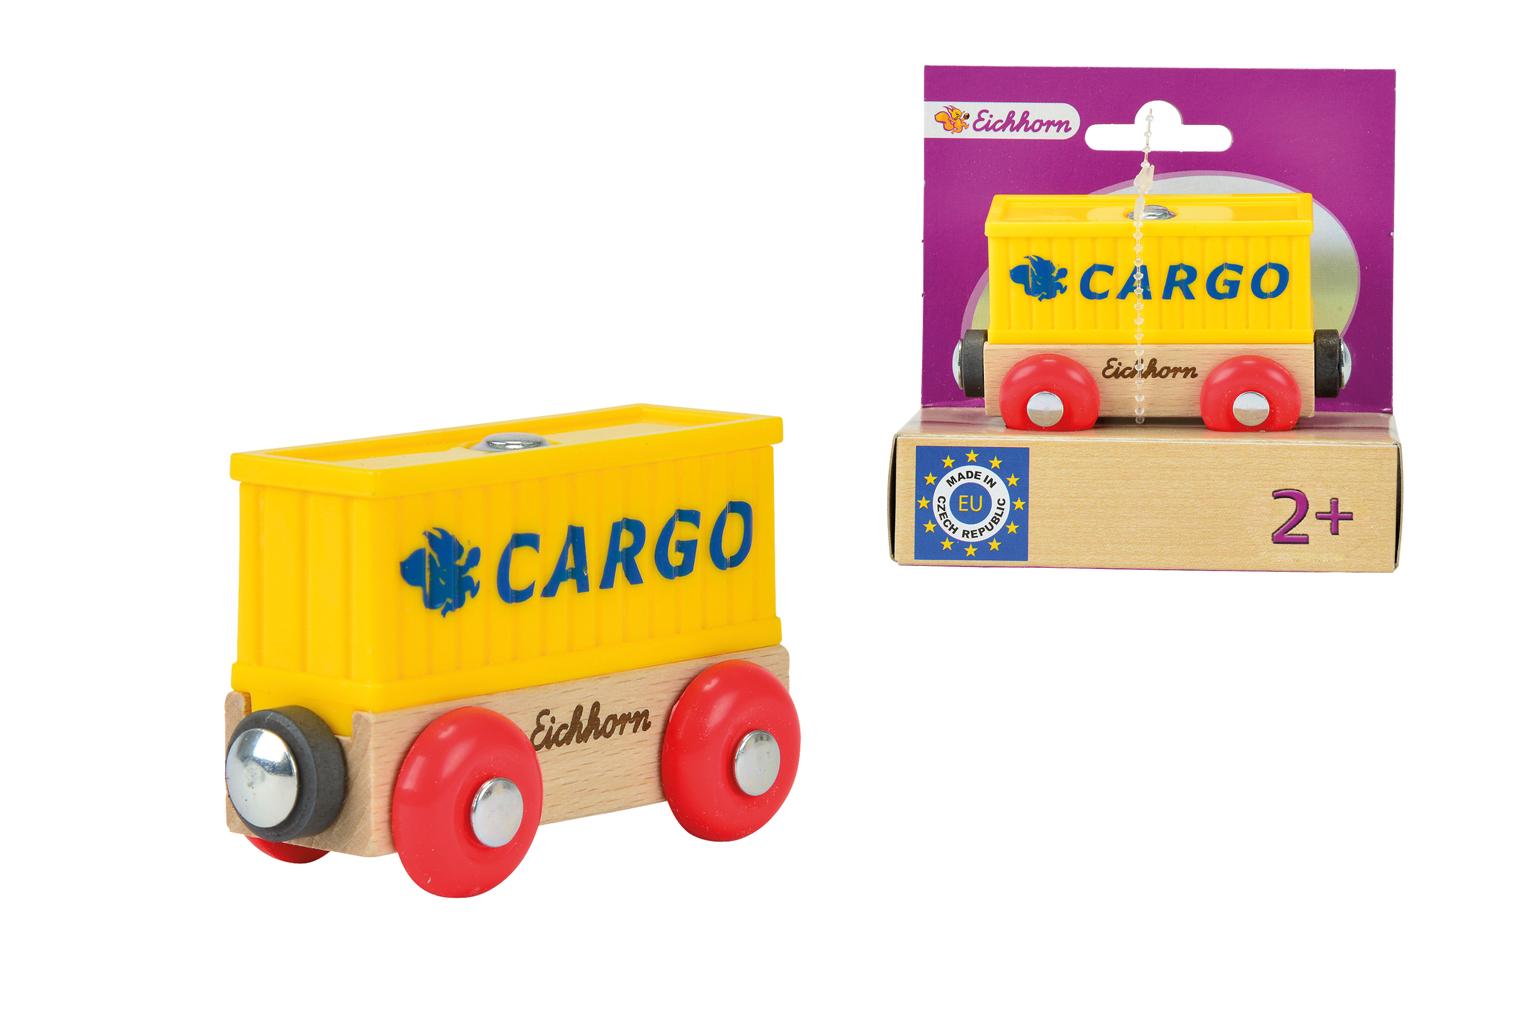 Игровой набор Вагон контейнерЖелезная дорога для малышей<br>Игровой набор Вагон контейнер<br>